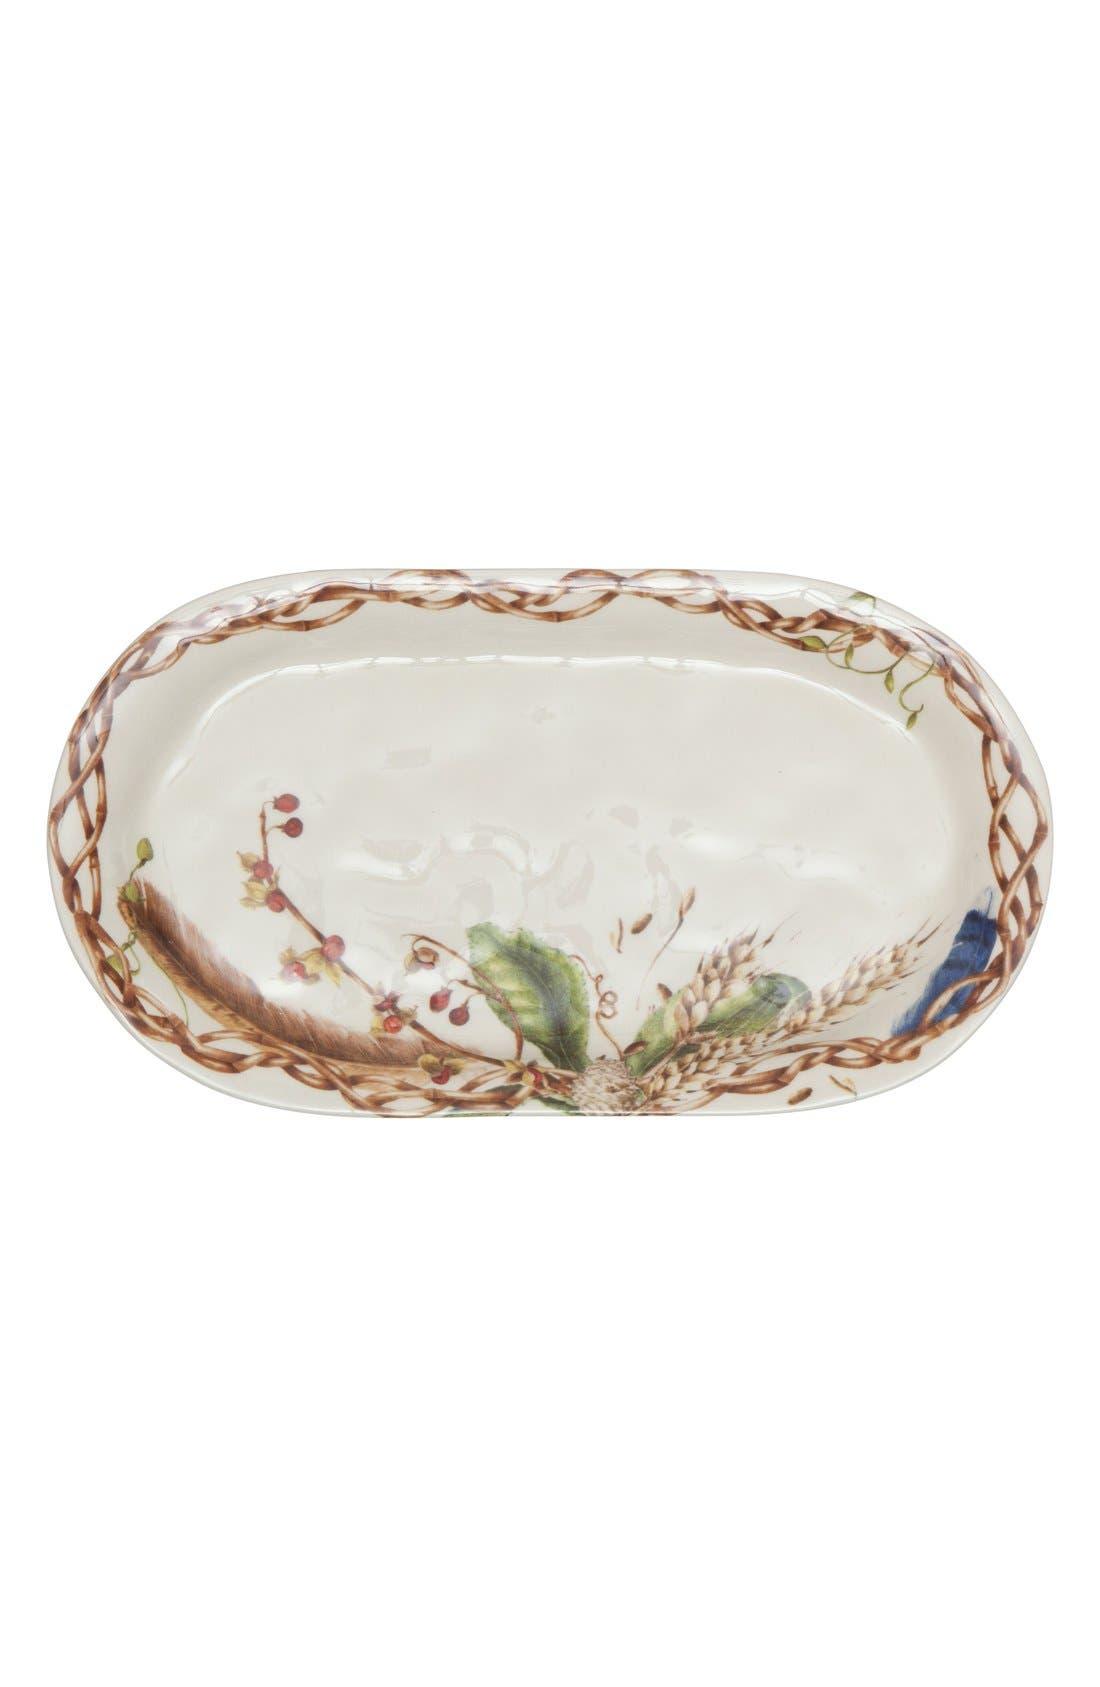 Forest Walk Ceramic Hostess Tray,                             Main thumbnail 1, color,                             250